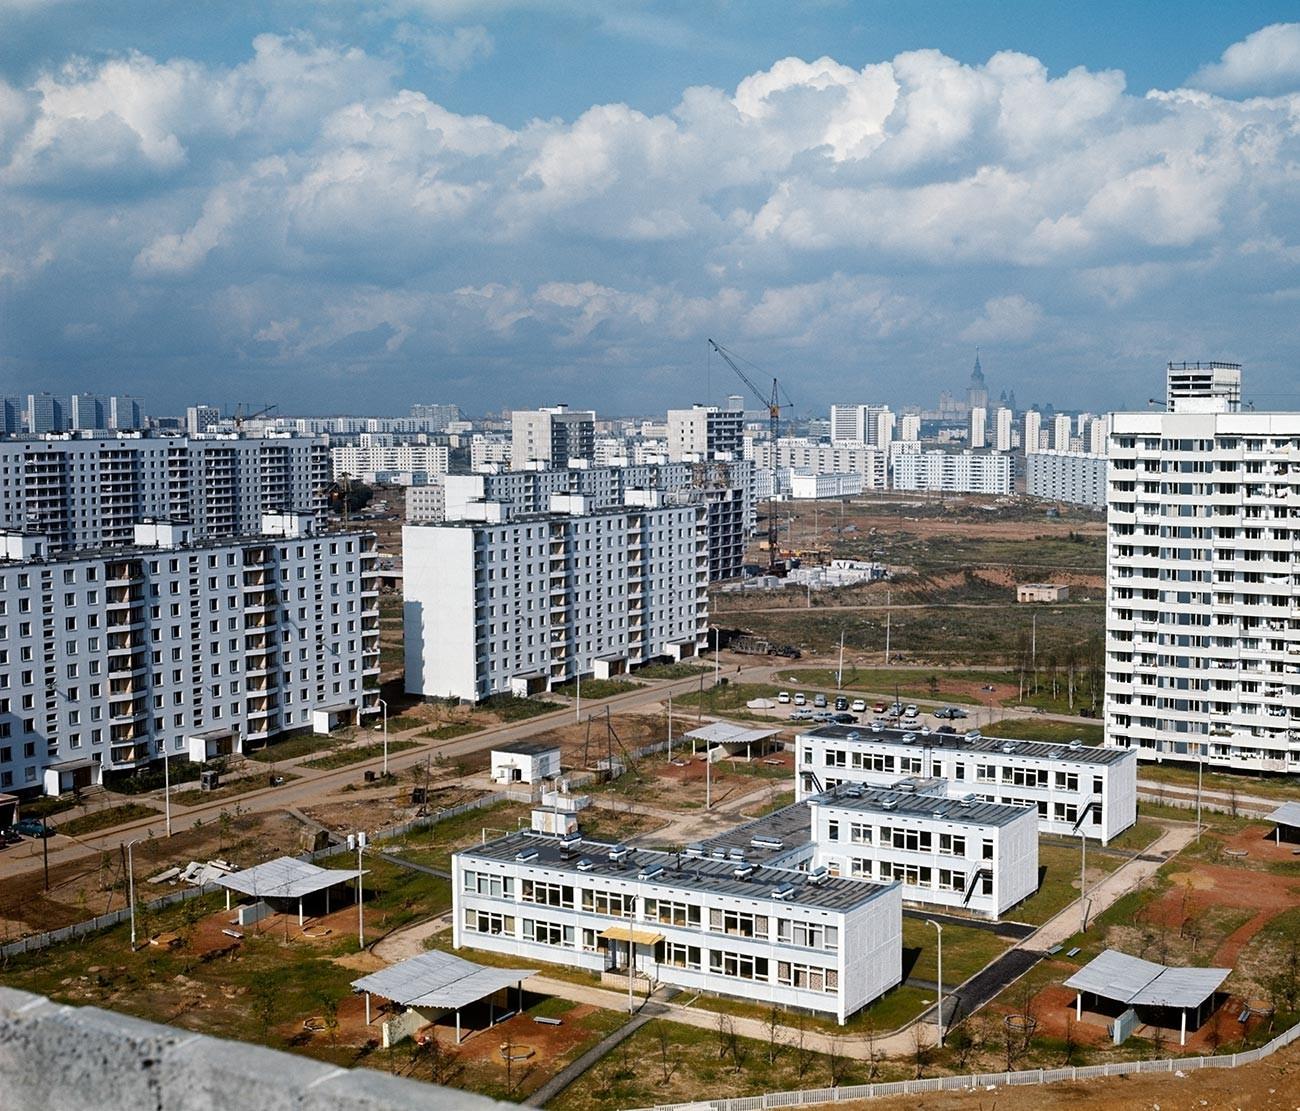 Troparjovo (Moskva), okrožje množične stanovanjske gradnje.